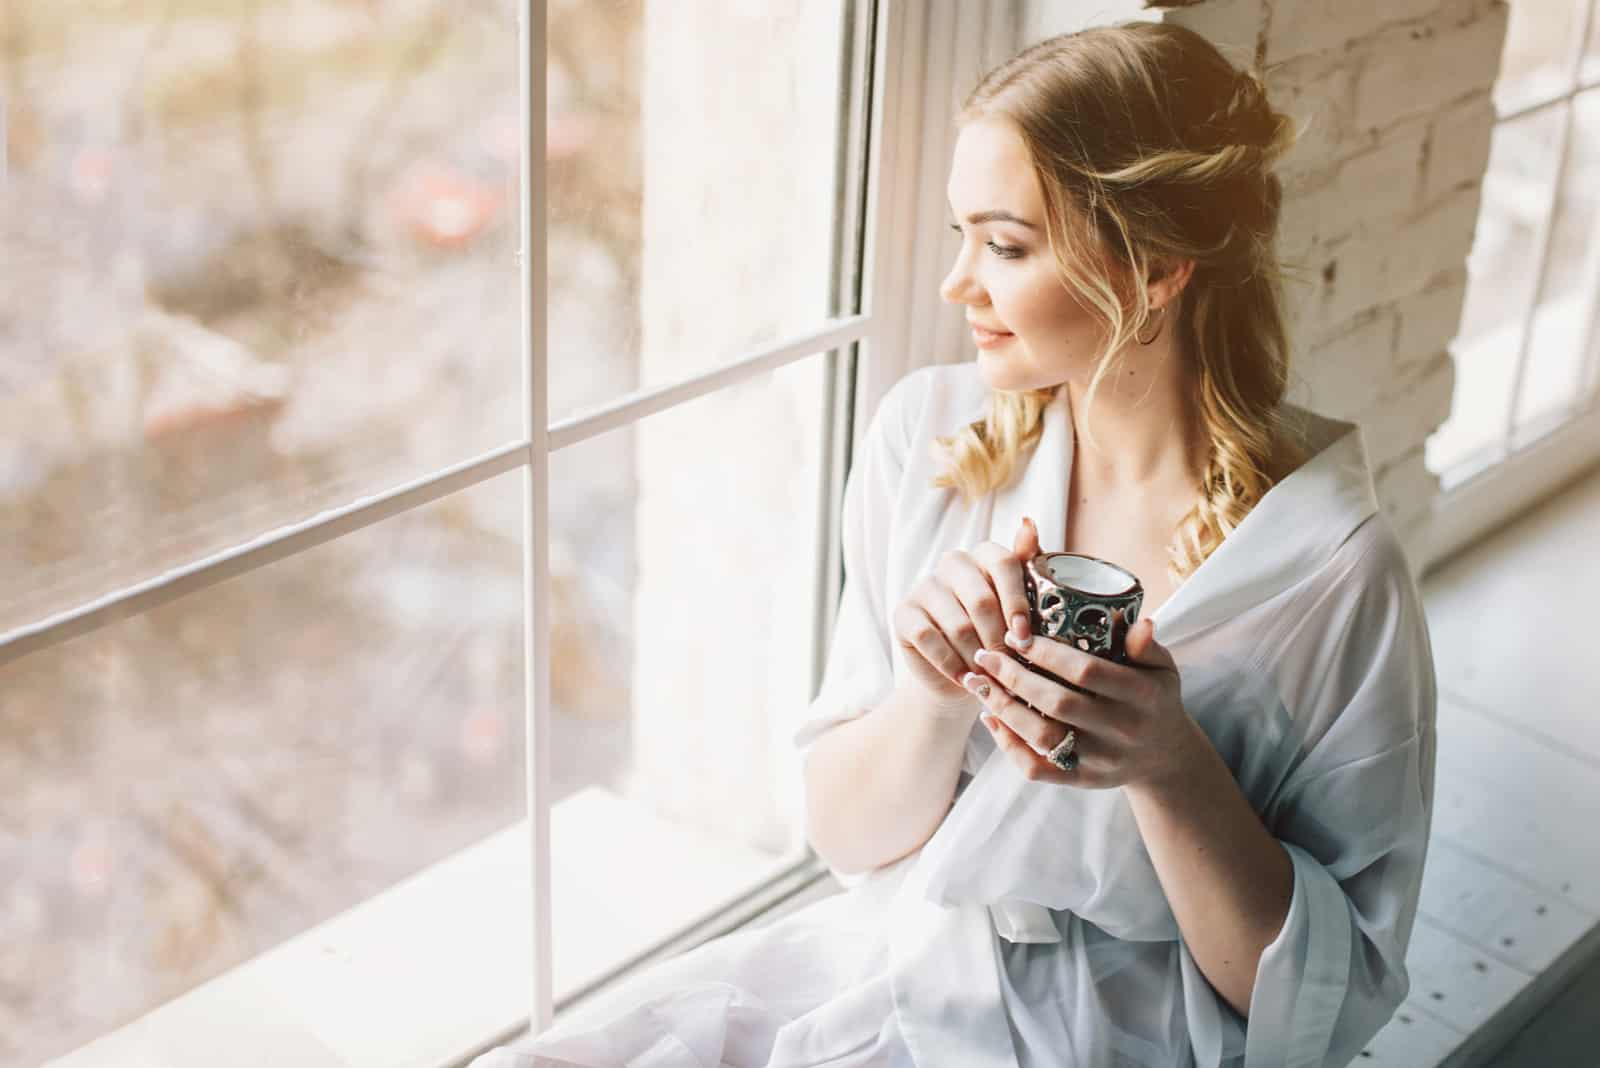 schöne junge Frau am Fenster